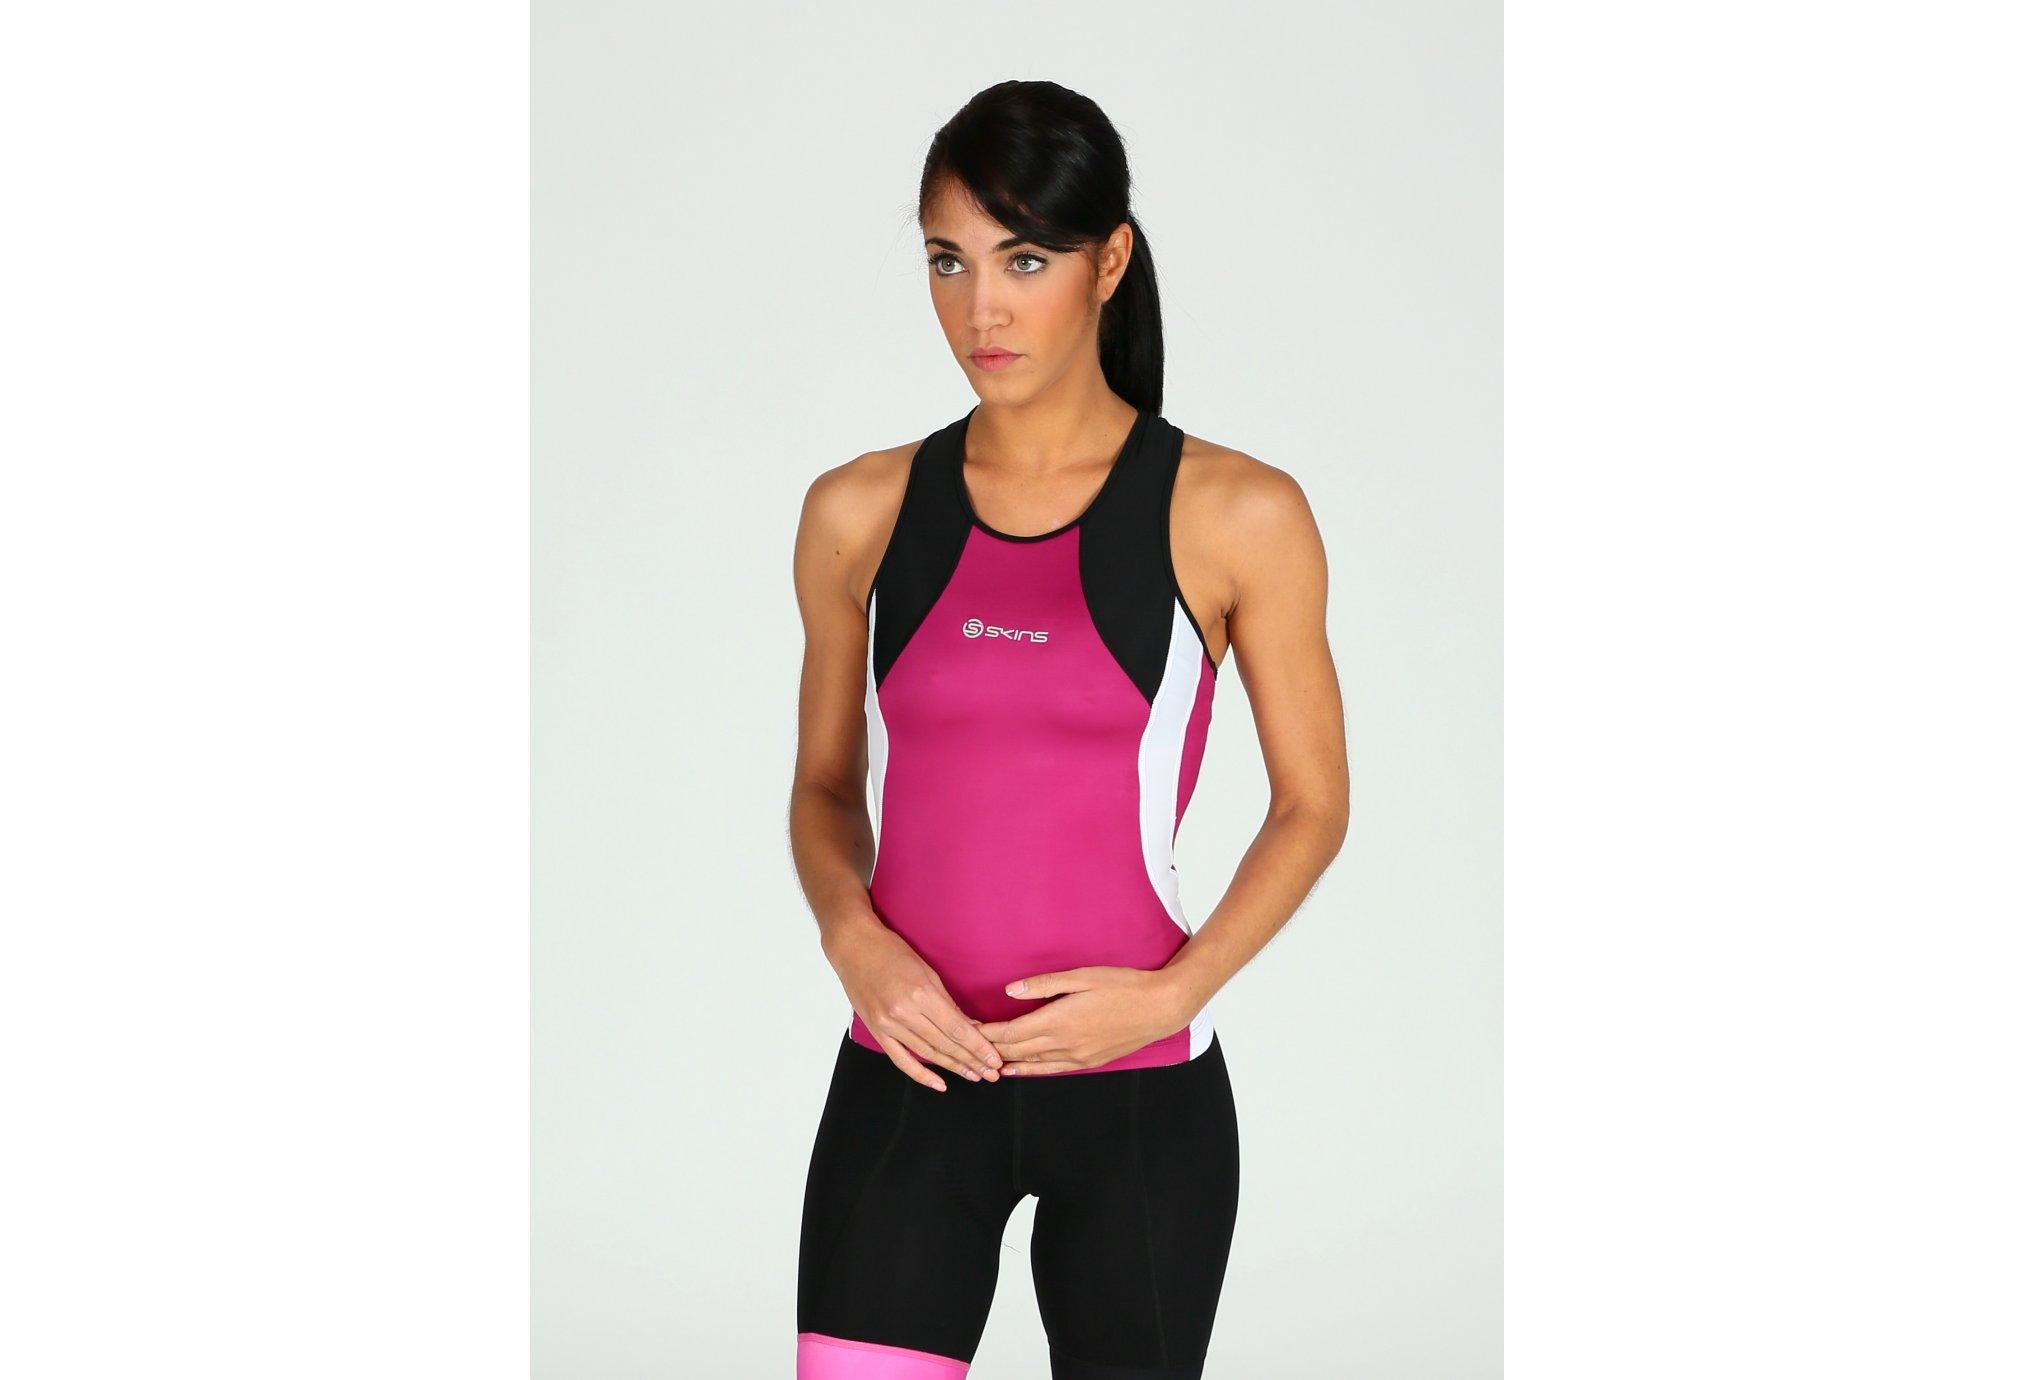 Skins Débardeur Tri400 Racer Back W vêtement running femme